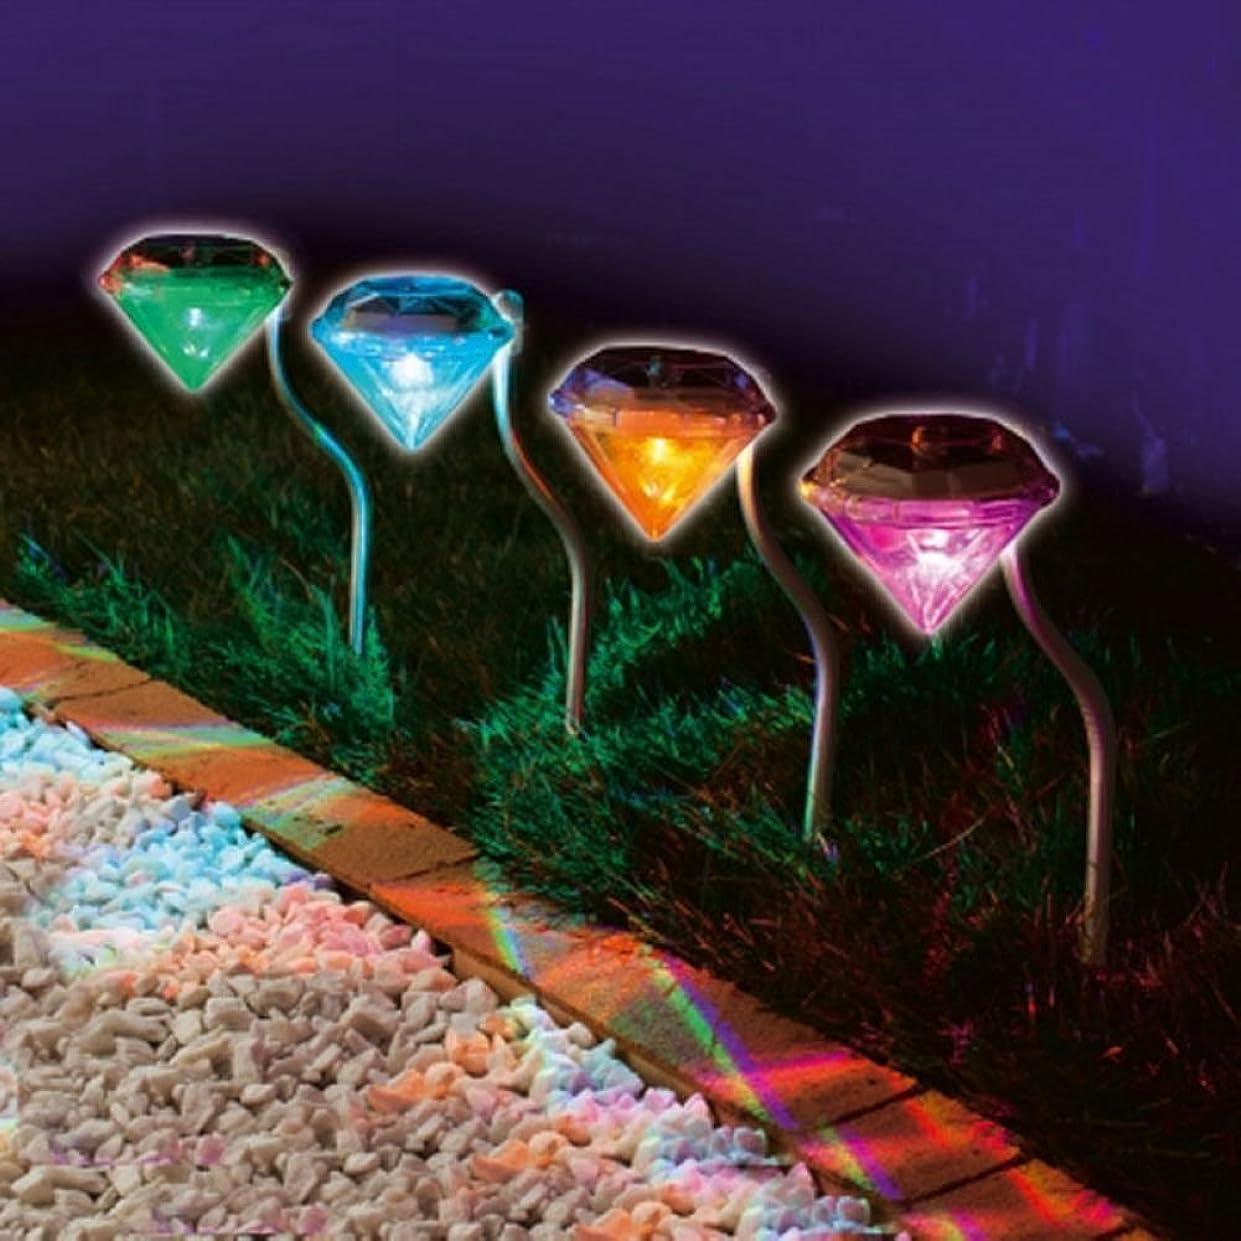 これら同じ小康ソーラーガーデンライト屋外 - ダイヤモンドソーラーパワーライト、ガーデンヤード通路のためにステークで変わる色、配線なし、変色,4個 セット